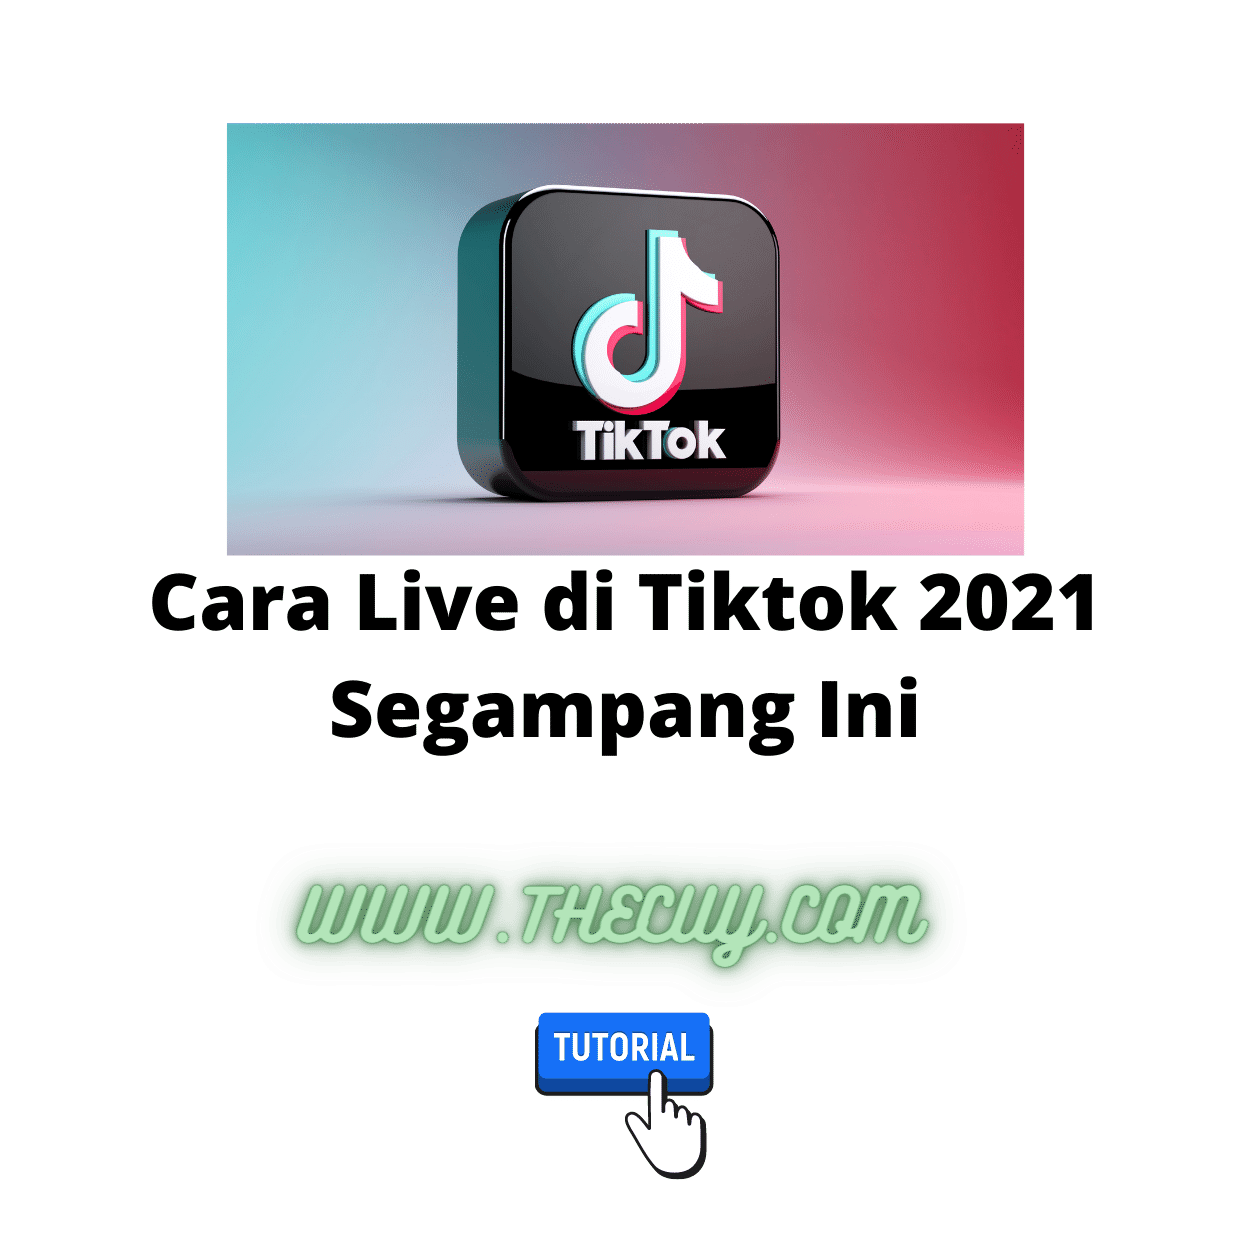 Cara Live di Tiktok 2021 Segampang Ini